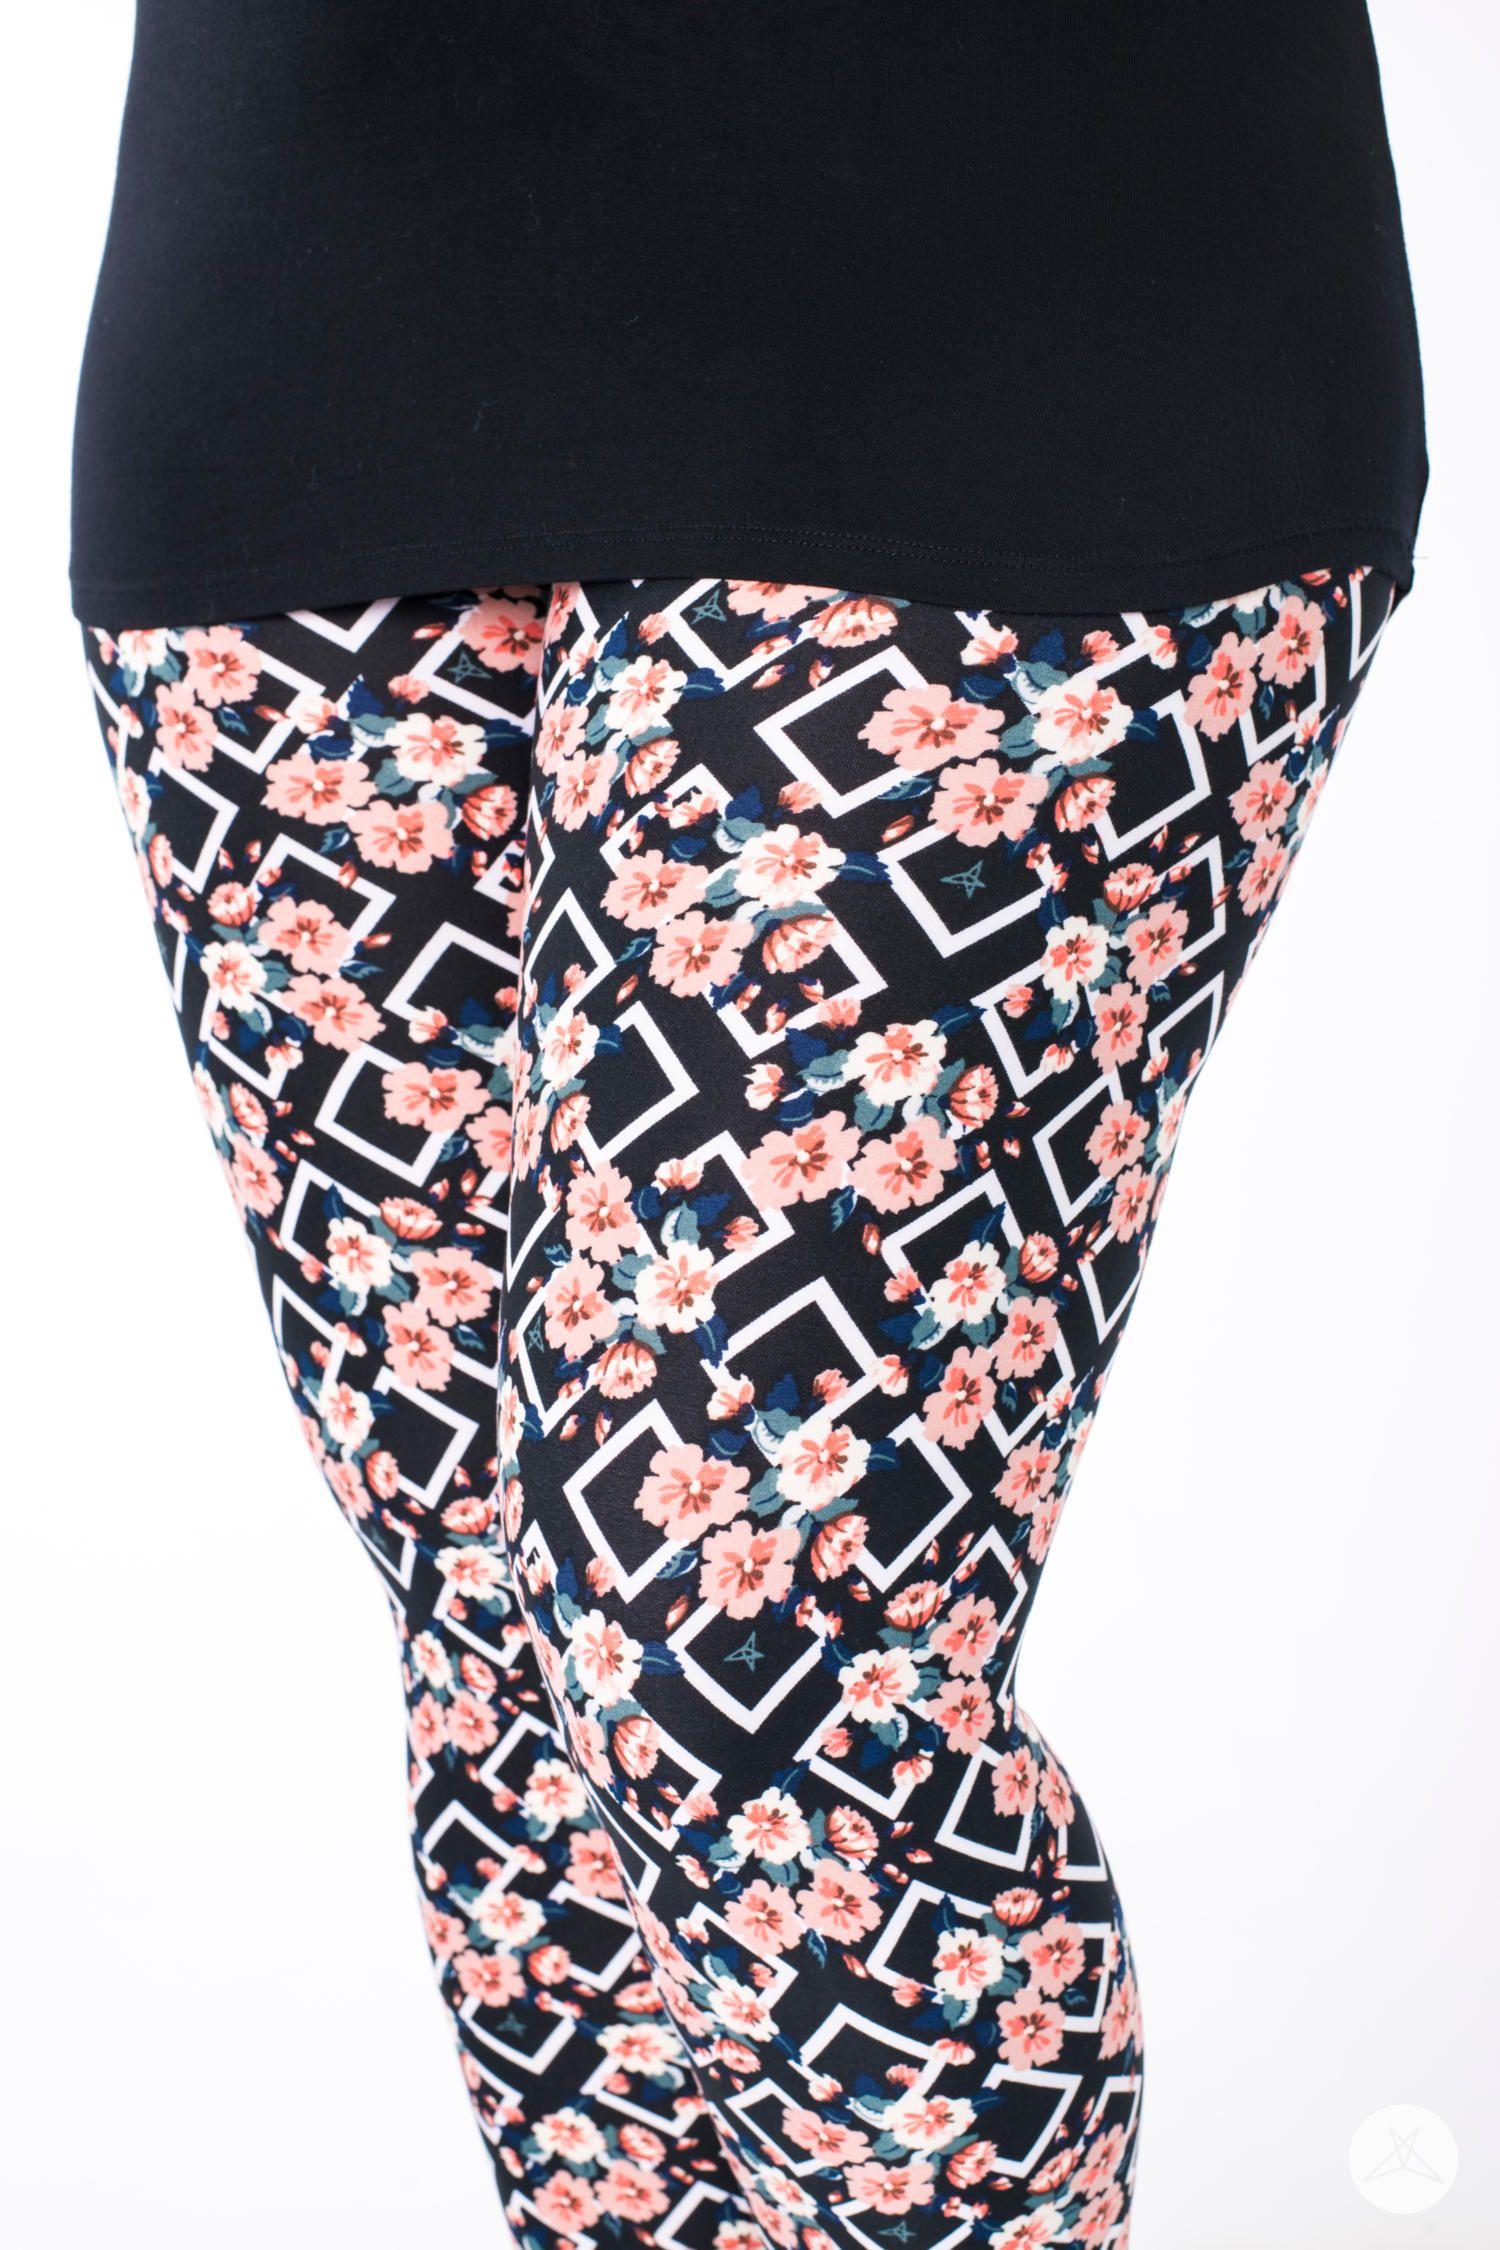 Sweetlegs.ca Miss Conduct women's sweetlegs leggings